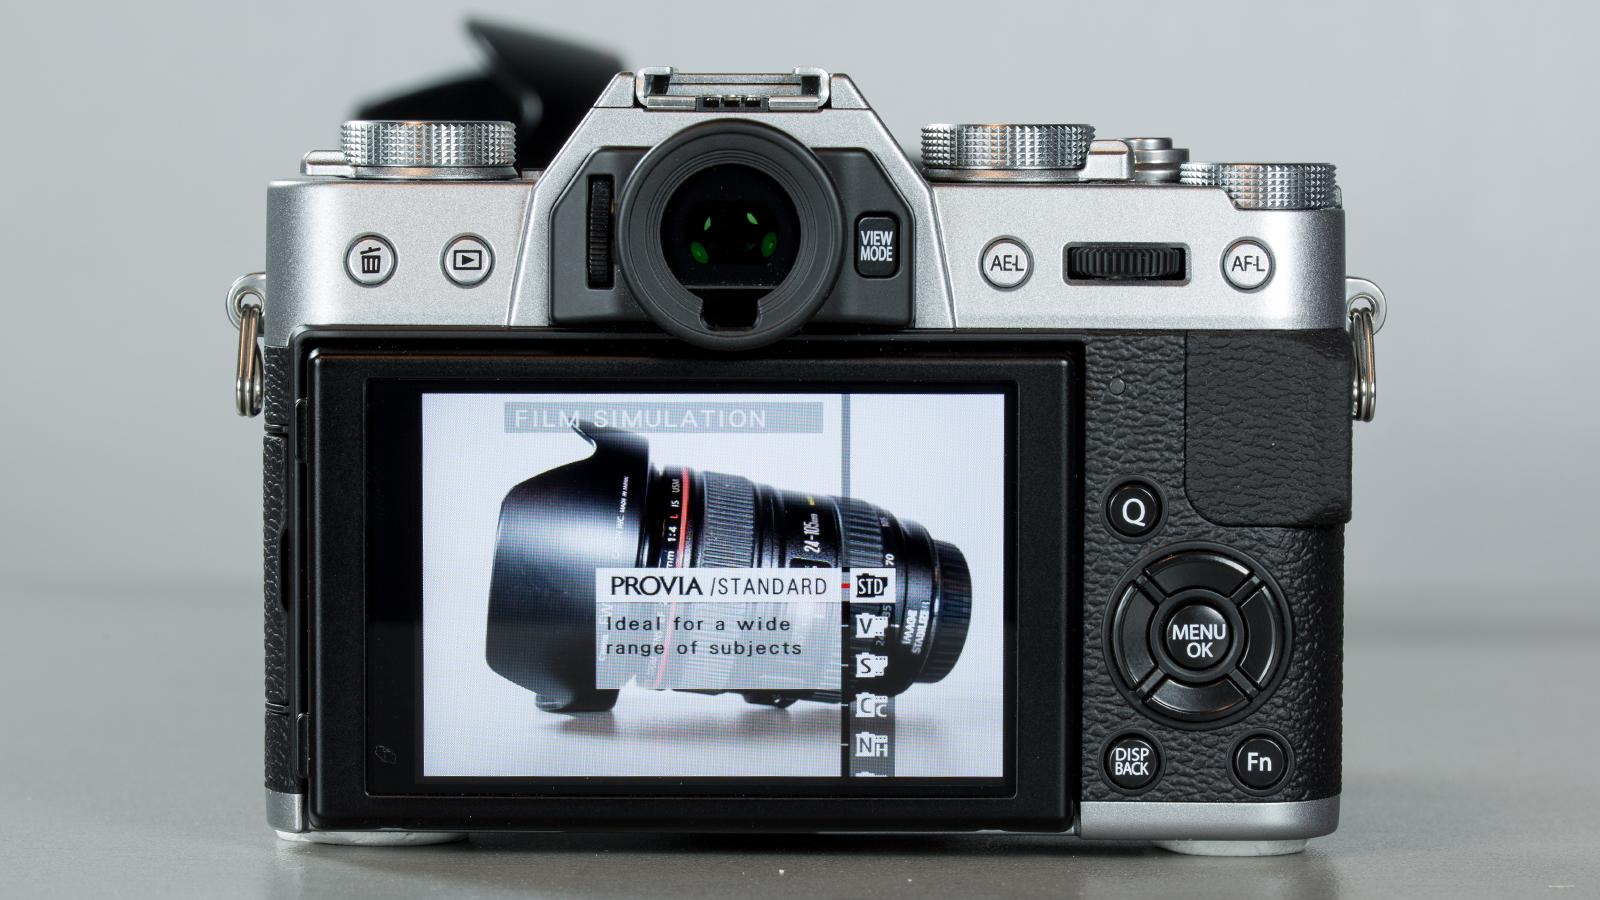 Fujifilm-X-T10-DT-016-filmisimulatsioon